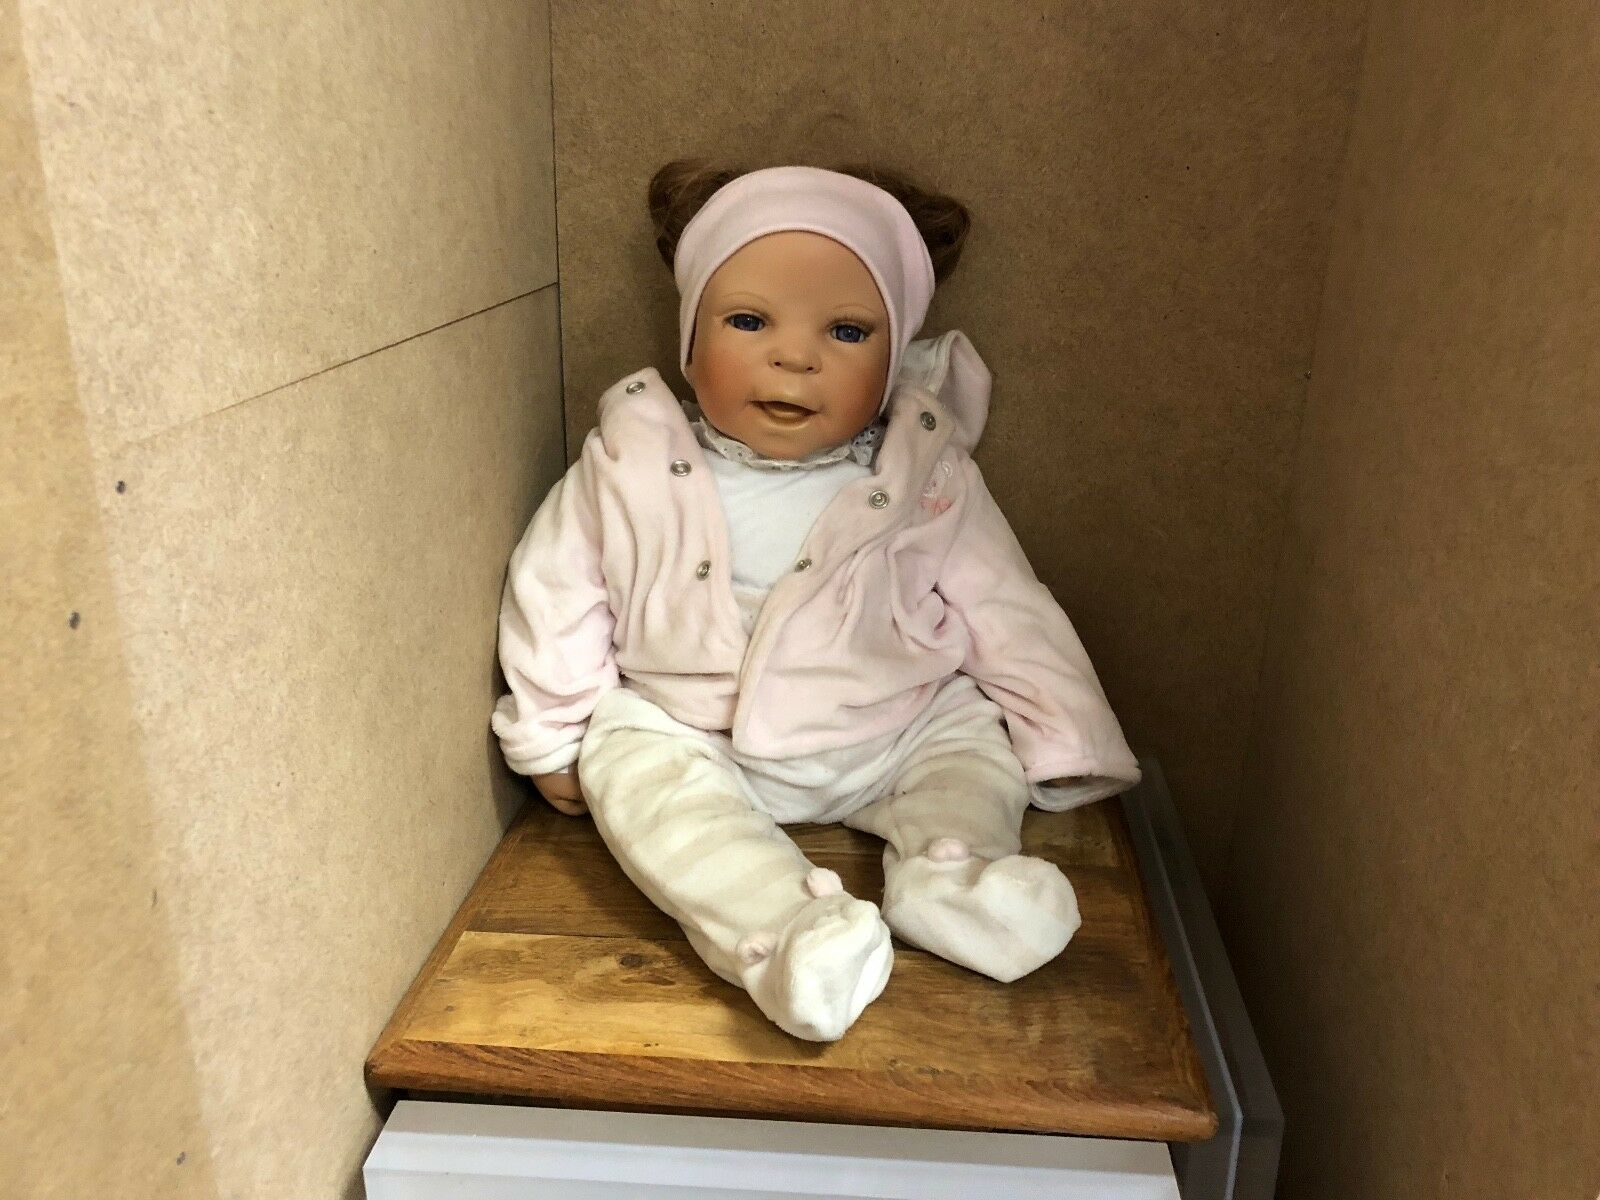 buon prezzo Inge tenautobusch bambola di di di porcellana 48 CM. OTTIMO stato  la migliore moda